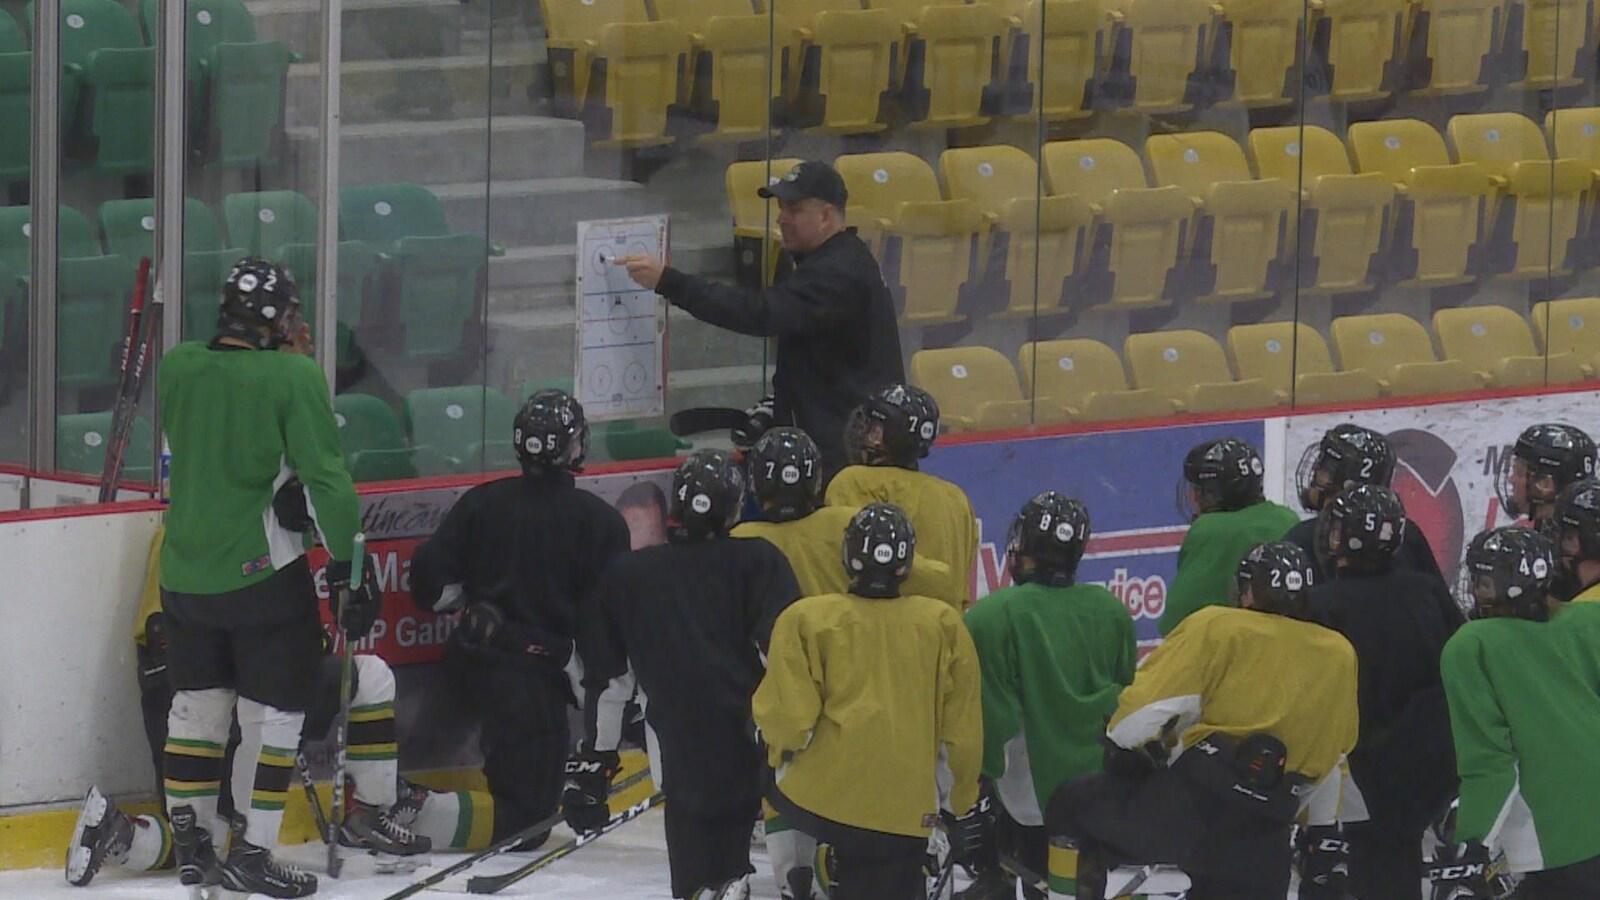 Un homme dessine sur un tableau blanc devant des joueurs de hockey agenouillés.